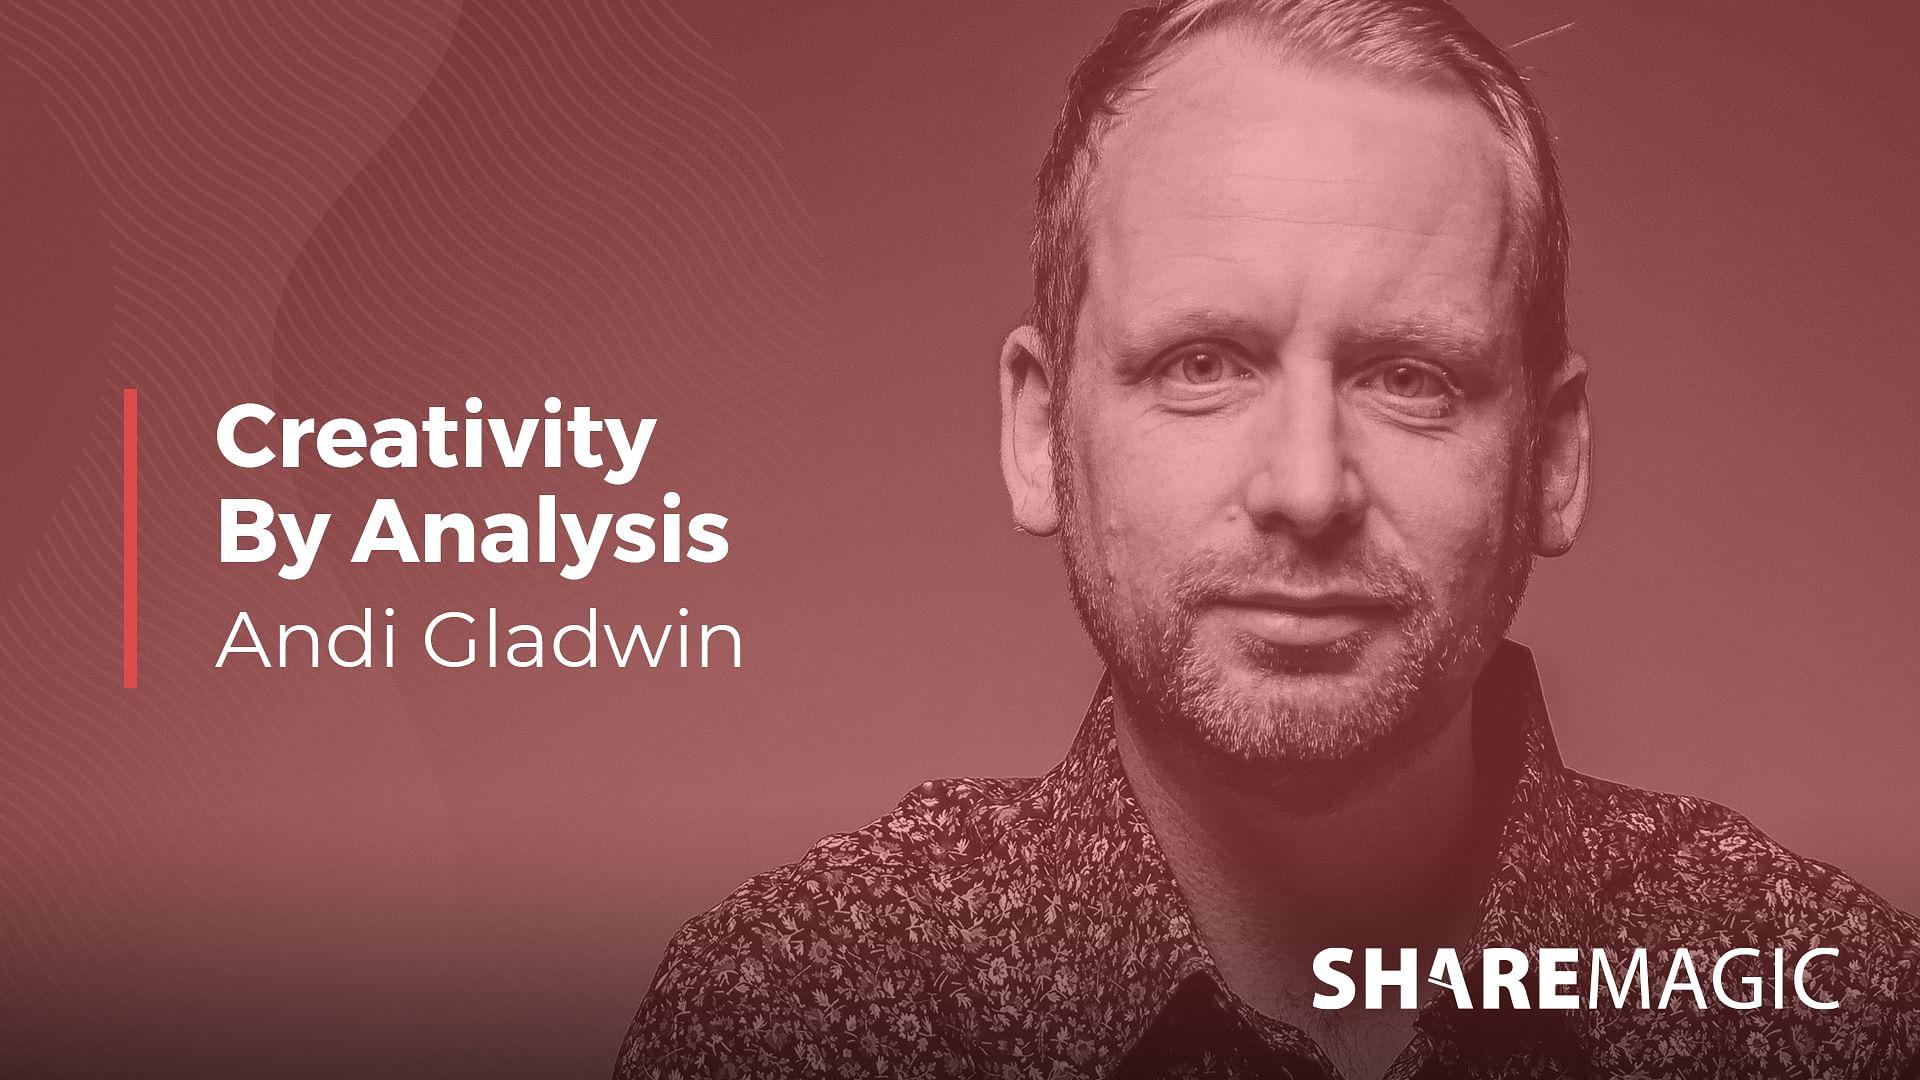 Andi Gladwin: Creativity By Analysis